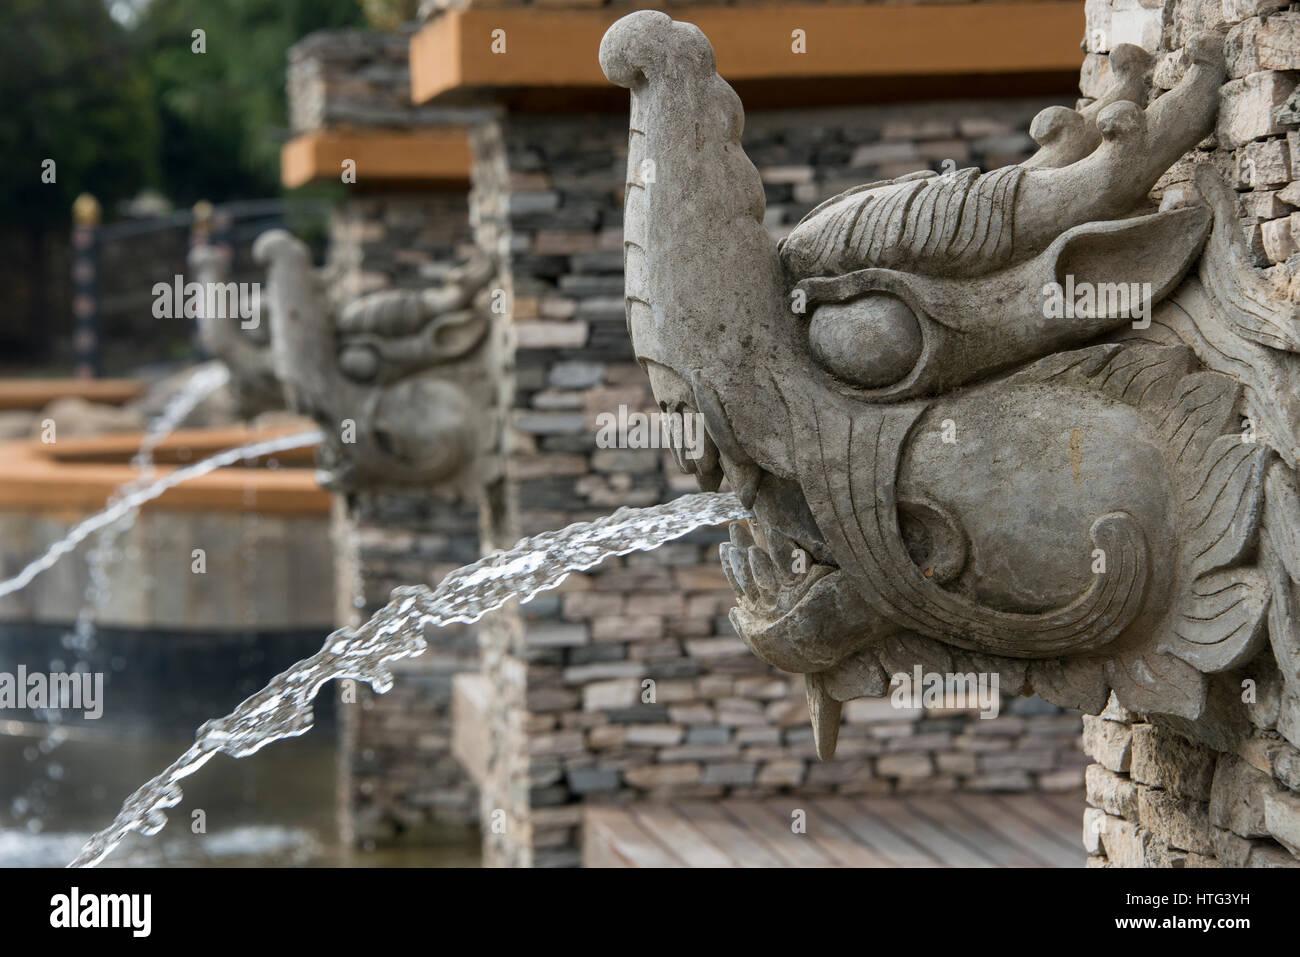 Le Bhoutan, Thimphu, capitale du Bhoutan. Hôtel de luxe cinq étoiles, l'hôtel Taj Tashi. Créature Photo Stock